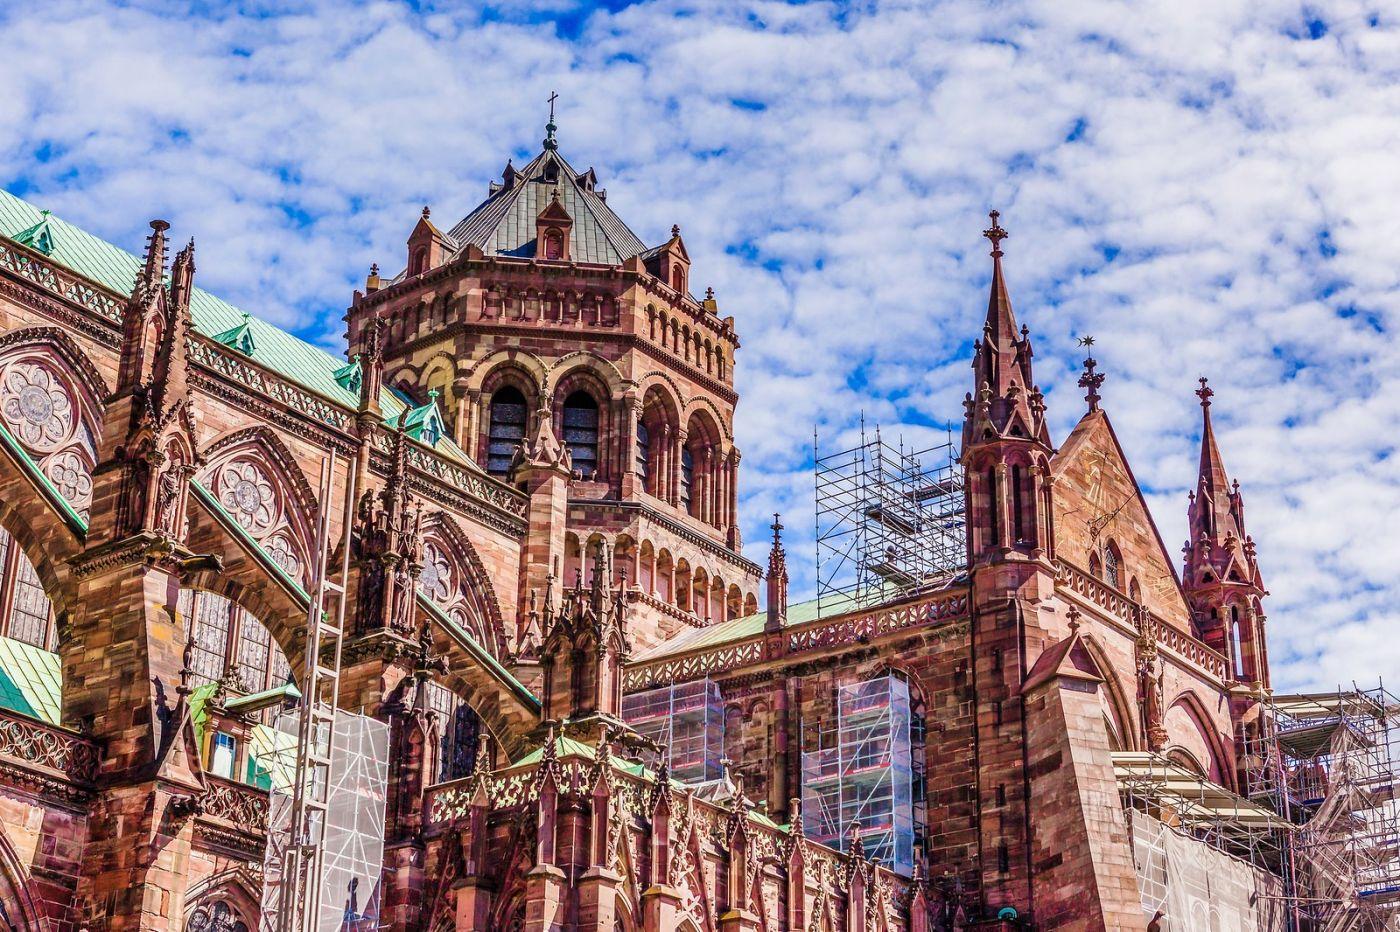 法国斯特拉斯堡(Strasbourg),八百年的主教堂_图1-29